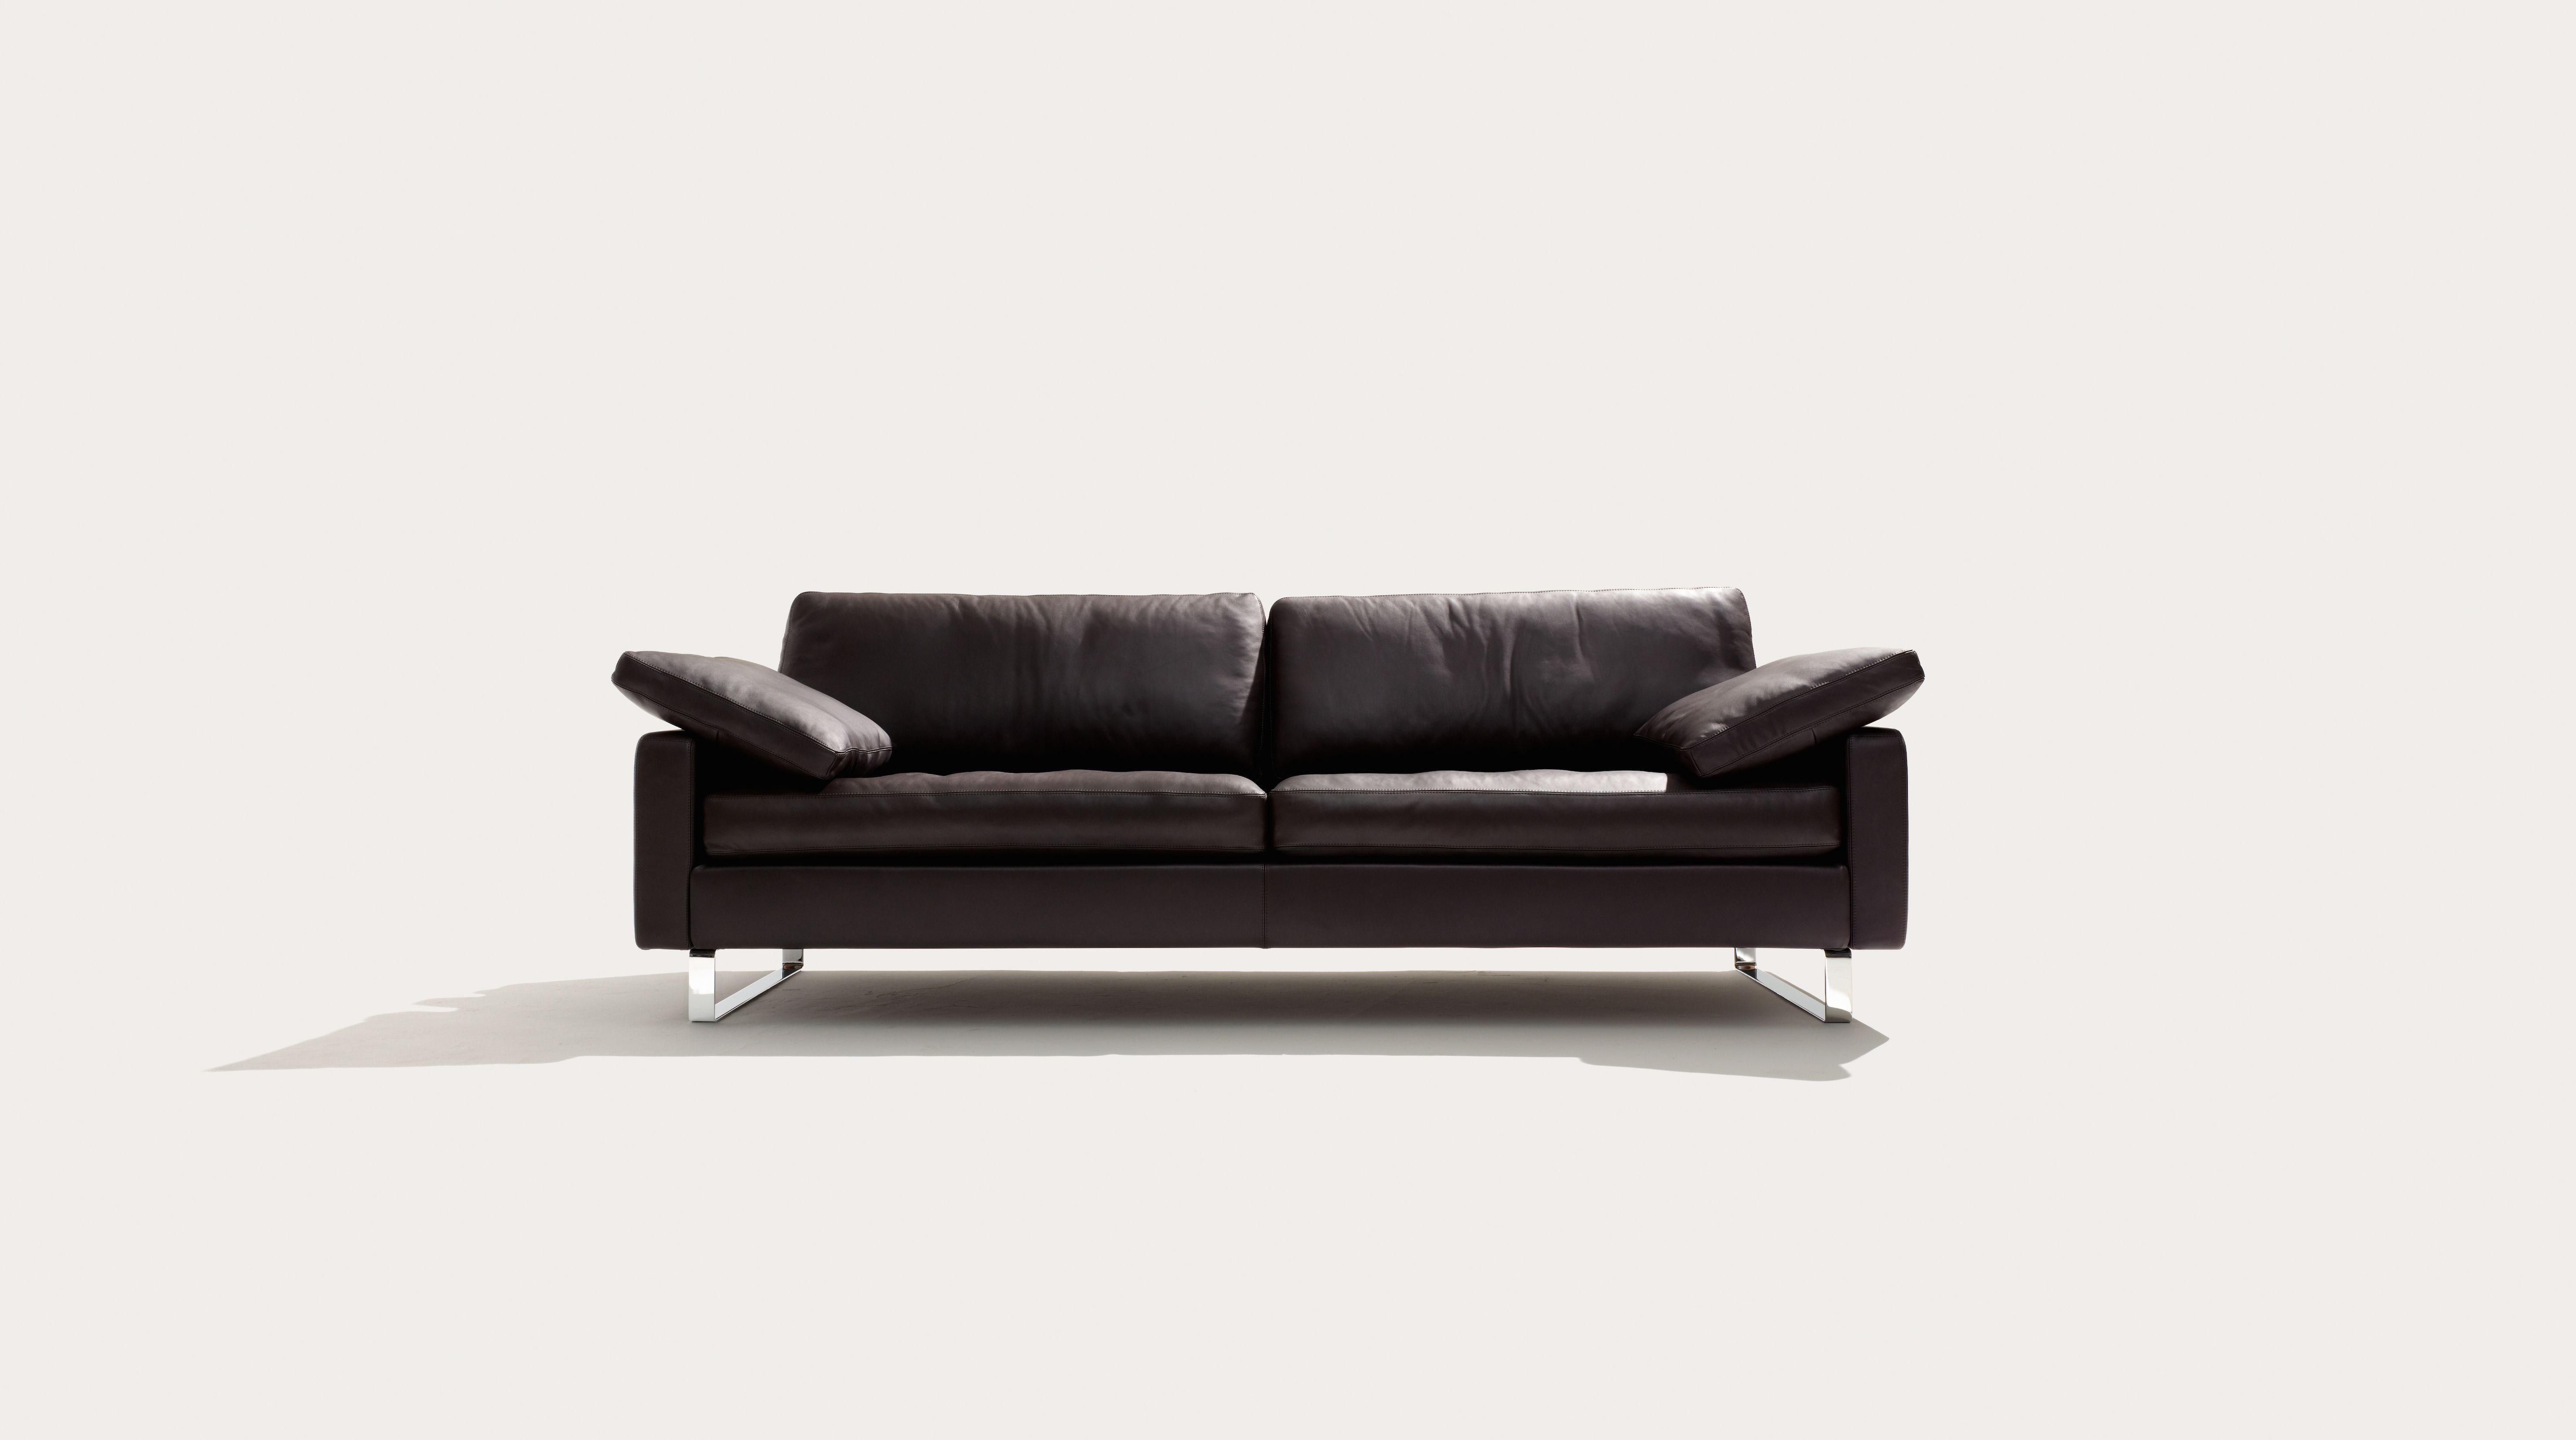 Möbel Marke ein sofa namens conseta gespräch mit leo lübke ceo möbelmarke cor